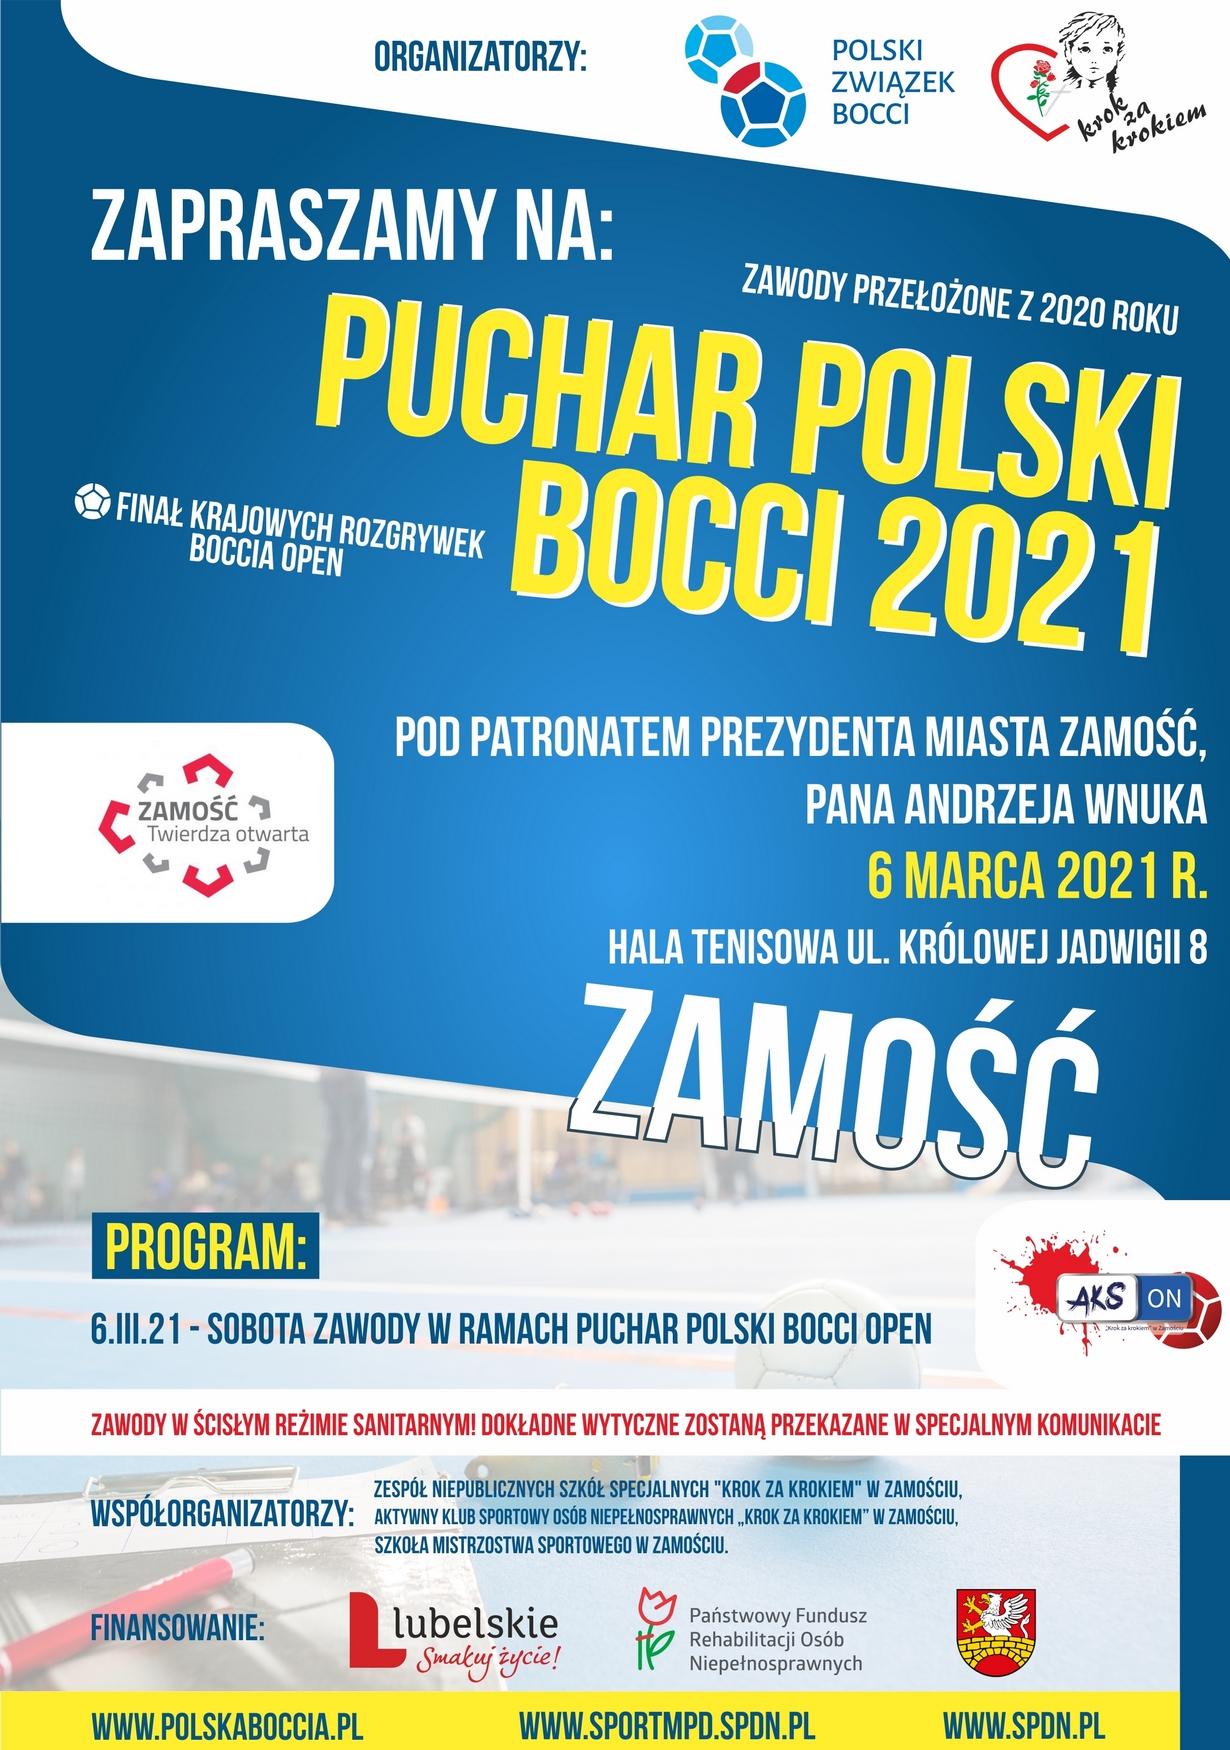 plakat boccia 2021 ZAMOŚĆ: Puchar Polski BOCCIA 2021 już w tę sobotę!